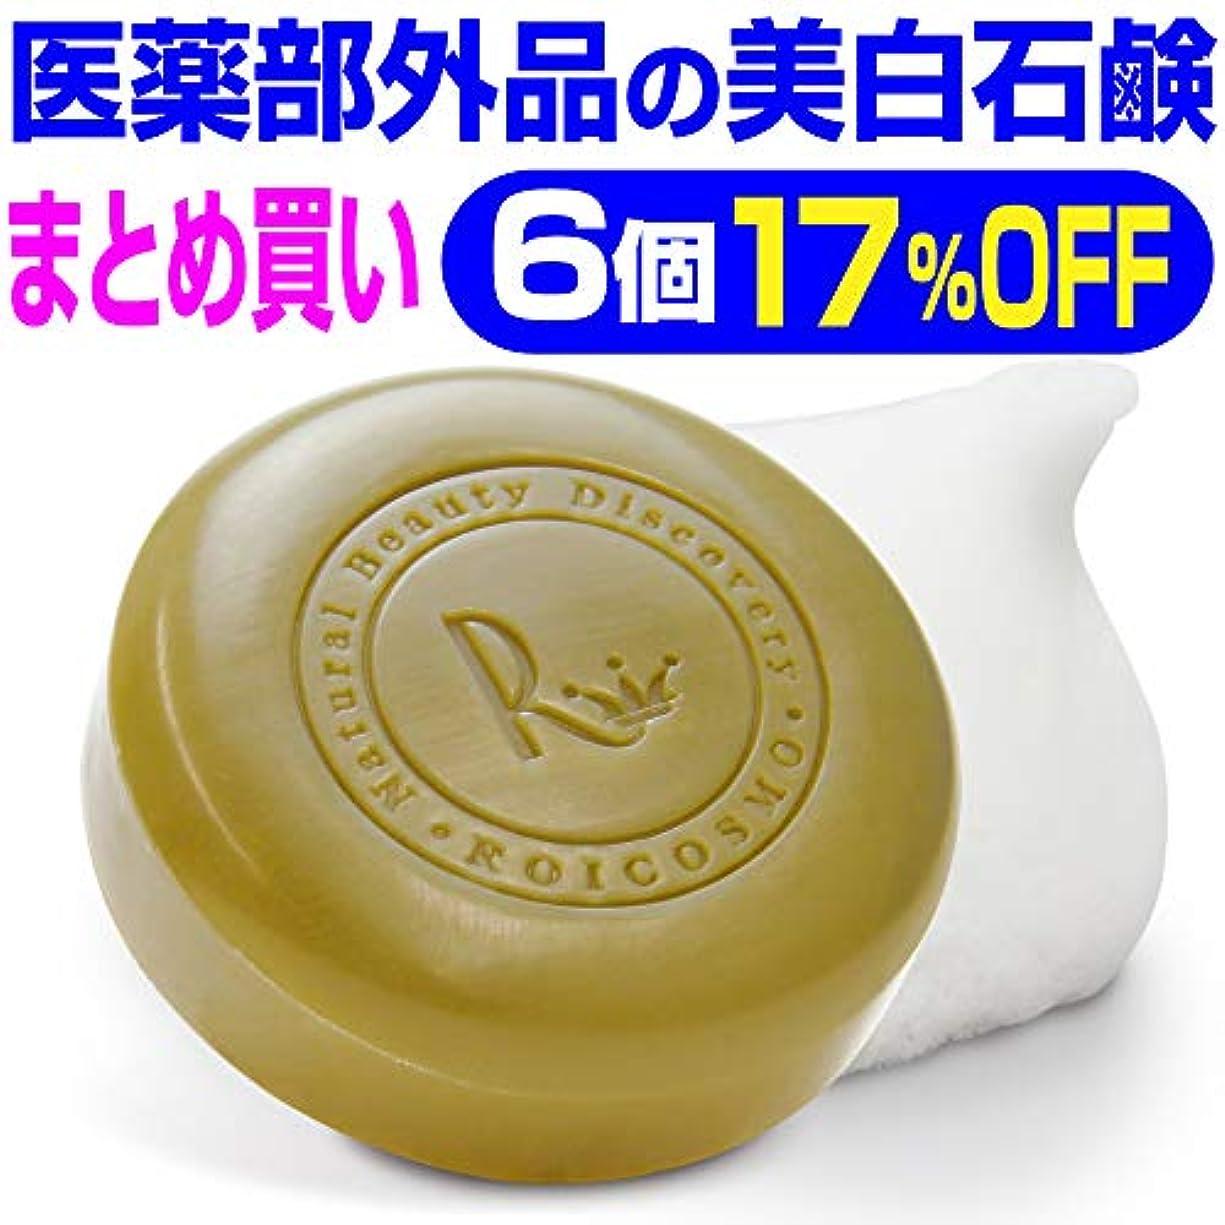 現代の火山基準6個まとめ買い17%OFF 美白石鹸/ビタミンC270倍の美白成分配合の 洗顔石鹸『ホワイトソープ100g×6個』